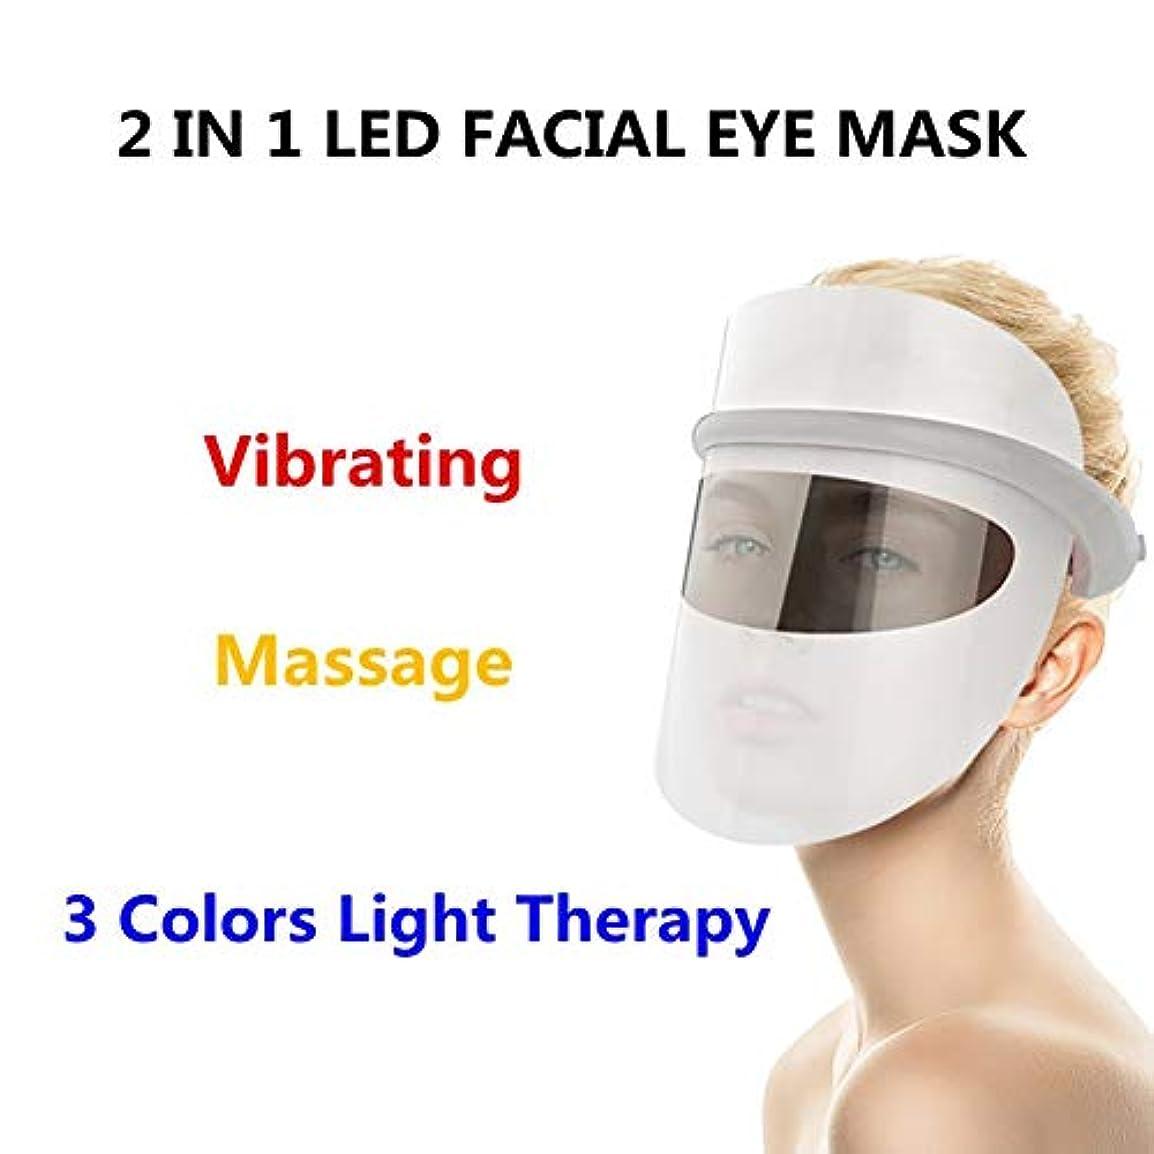 限られた必要とするリスLEDフォトンビューティーマスク、家庭用Ledビューティーマスク、ホットコンプレックス振動マッサージアイマスク3色、コラーゲン、アンチエイジング、しわ、瘢痕